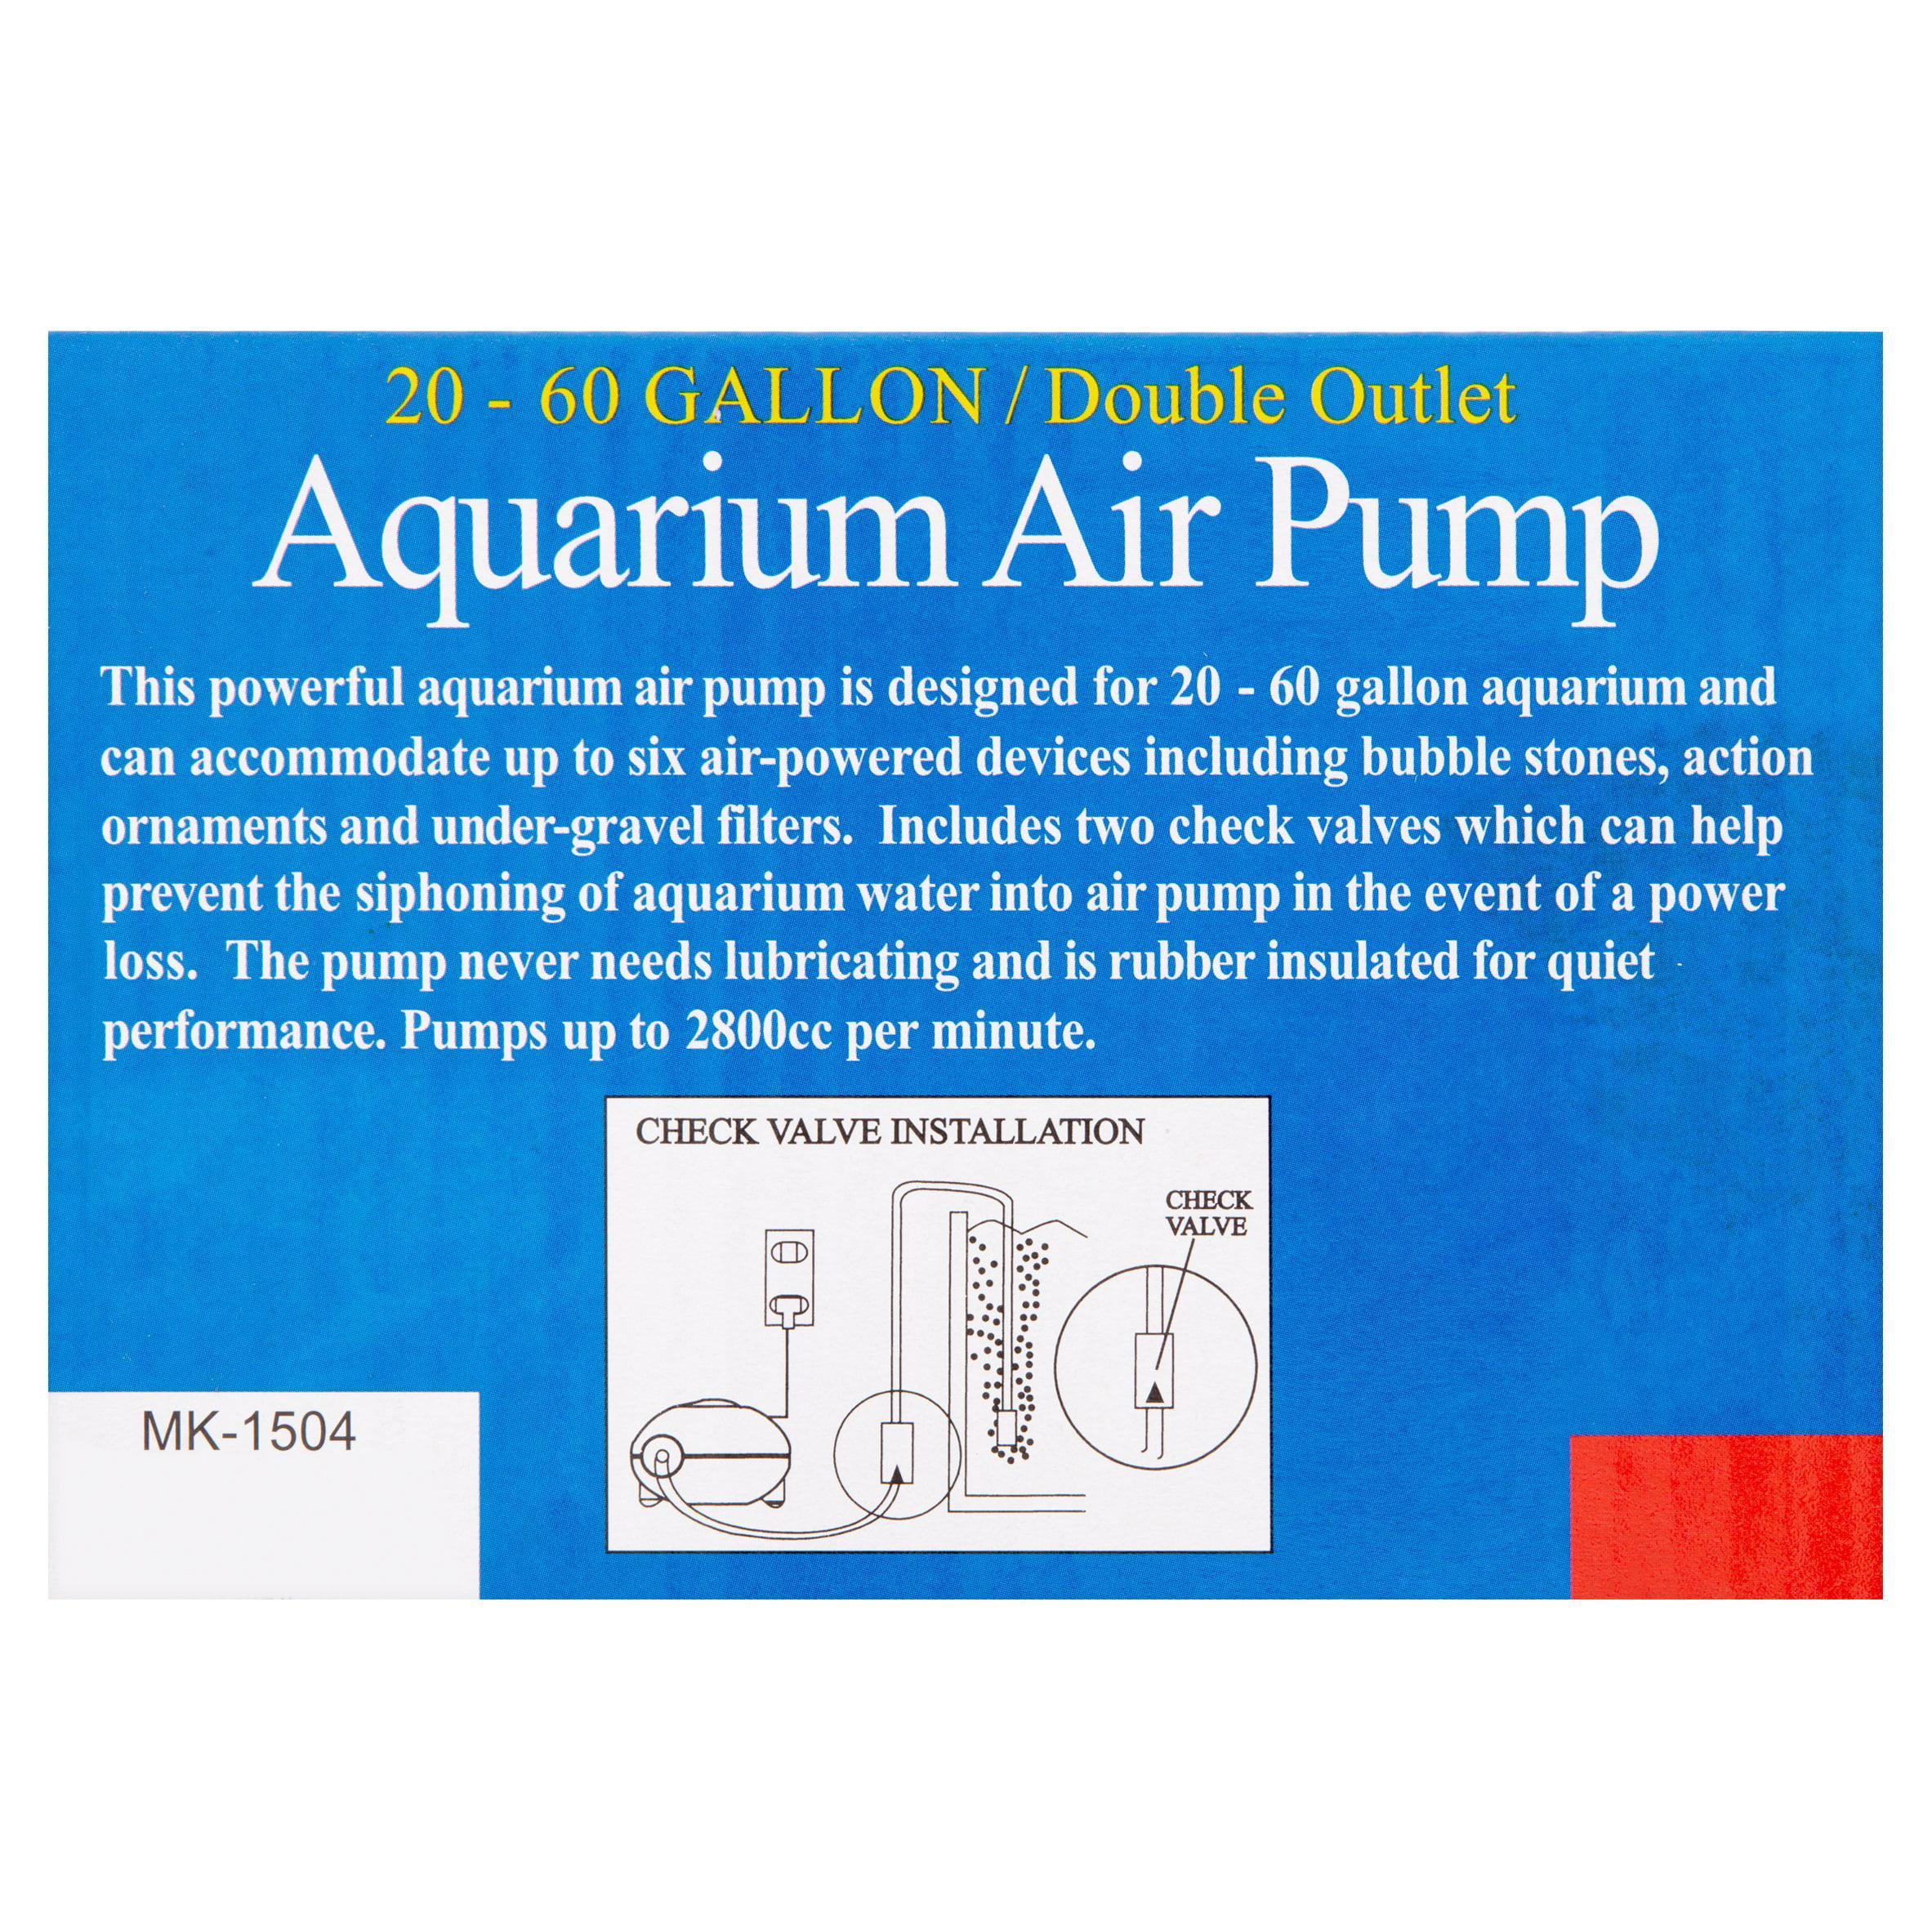 2e8d1772084 Aqua Culture 20-60-Gallon Double Outlet Aquarium Air Pump - Walmart.com